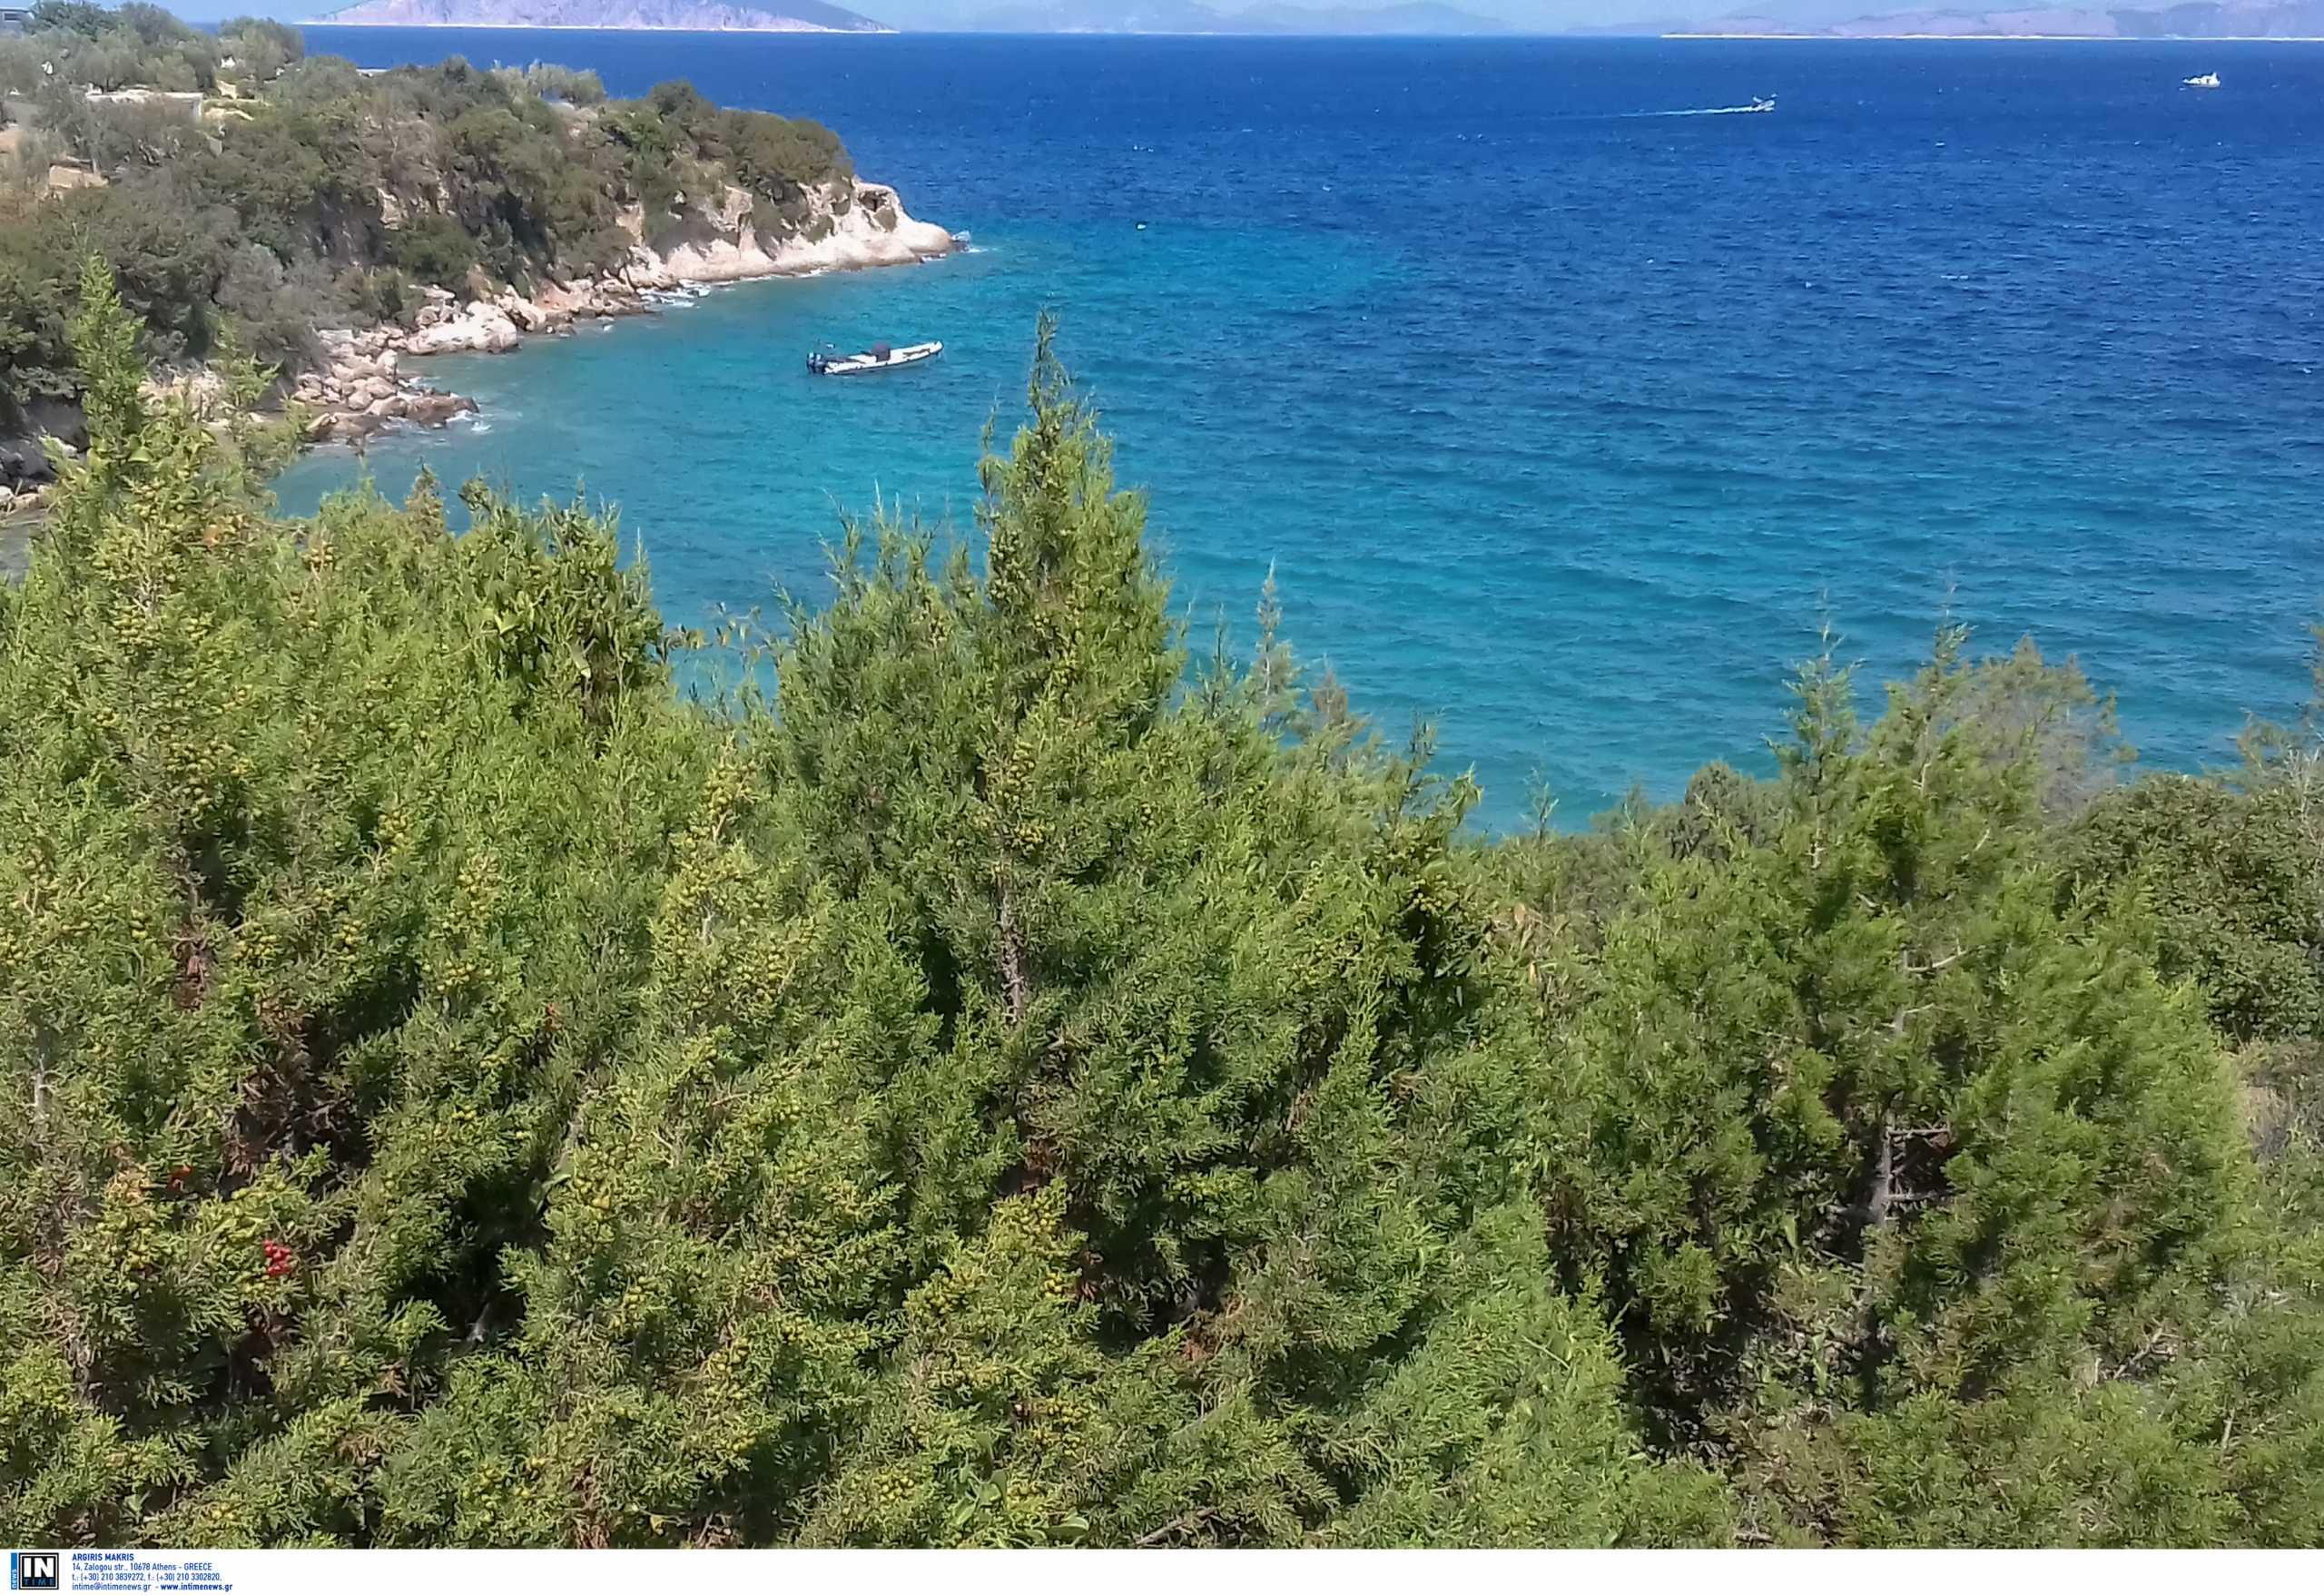 Χηνίτσα: Ο ονειρικός κόλπος με τα γαλάζια νερά